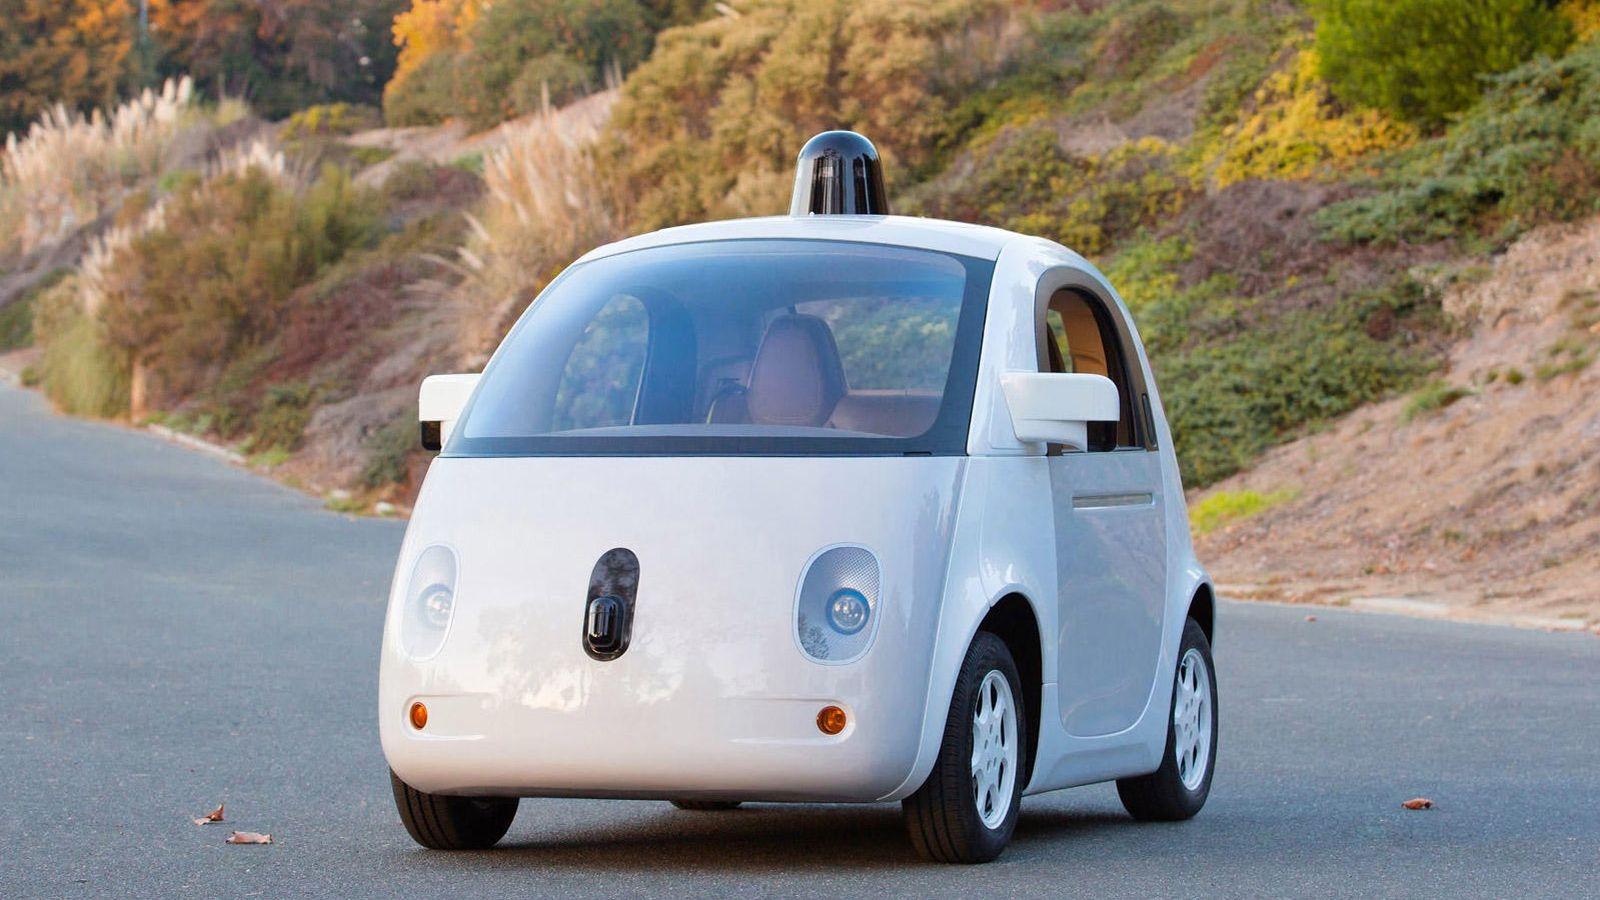 Foto: Uno de los modelos de coche autónomo de Google (Foto: Google)